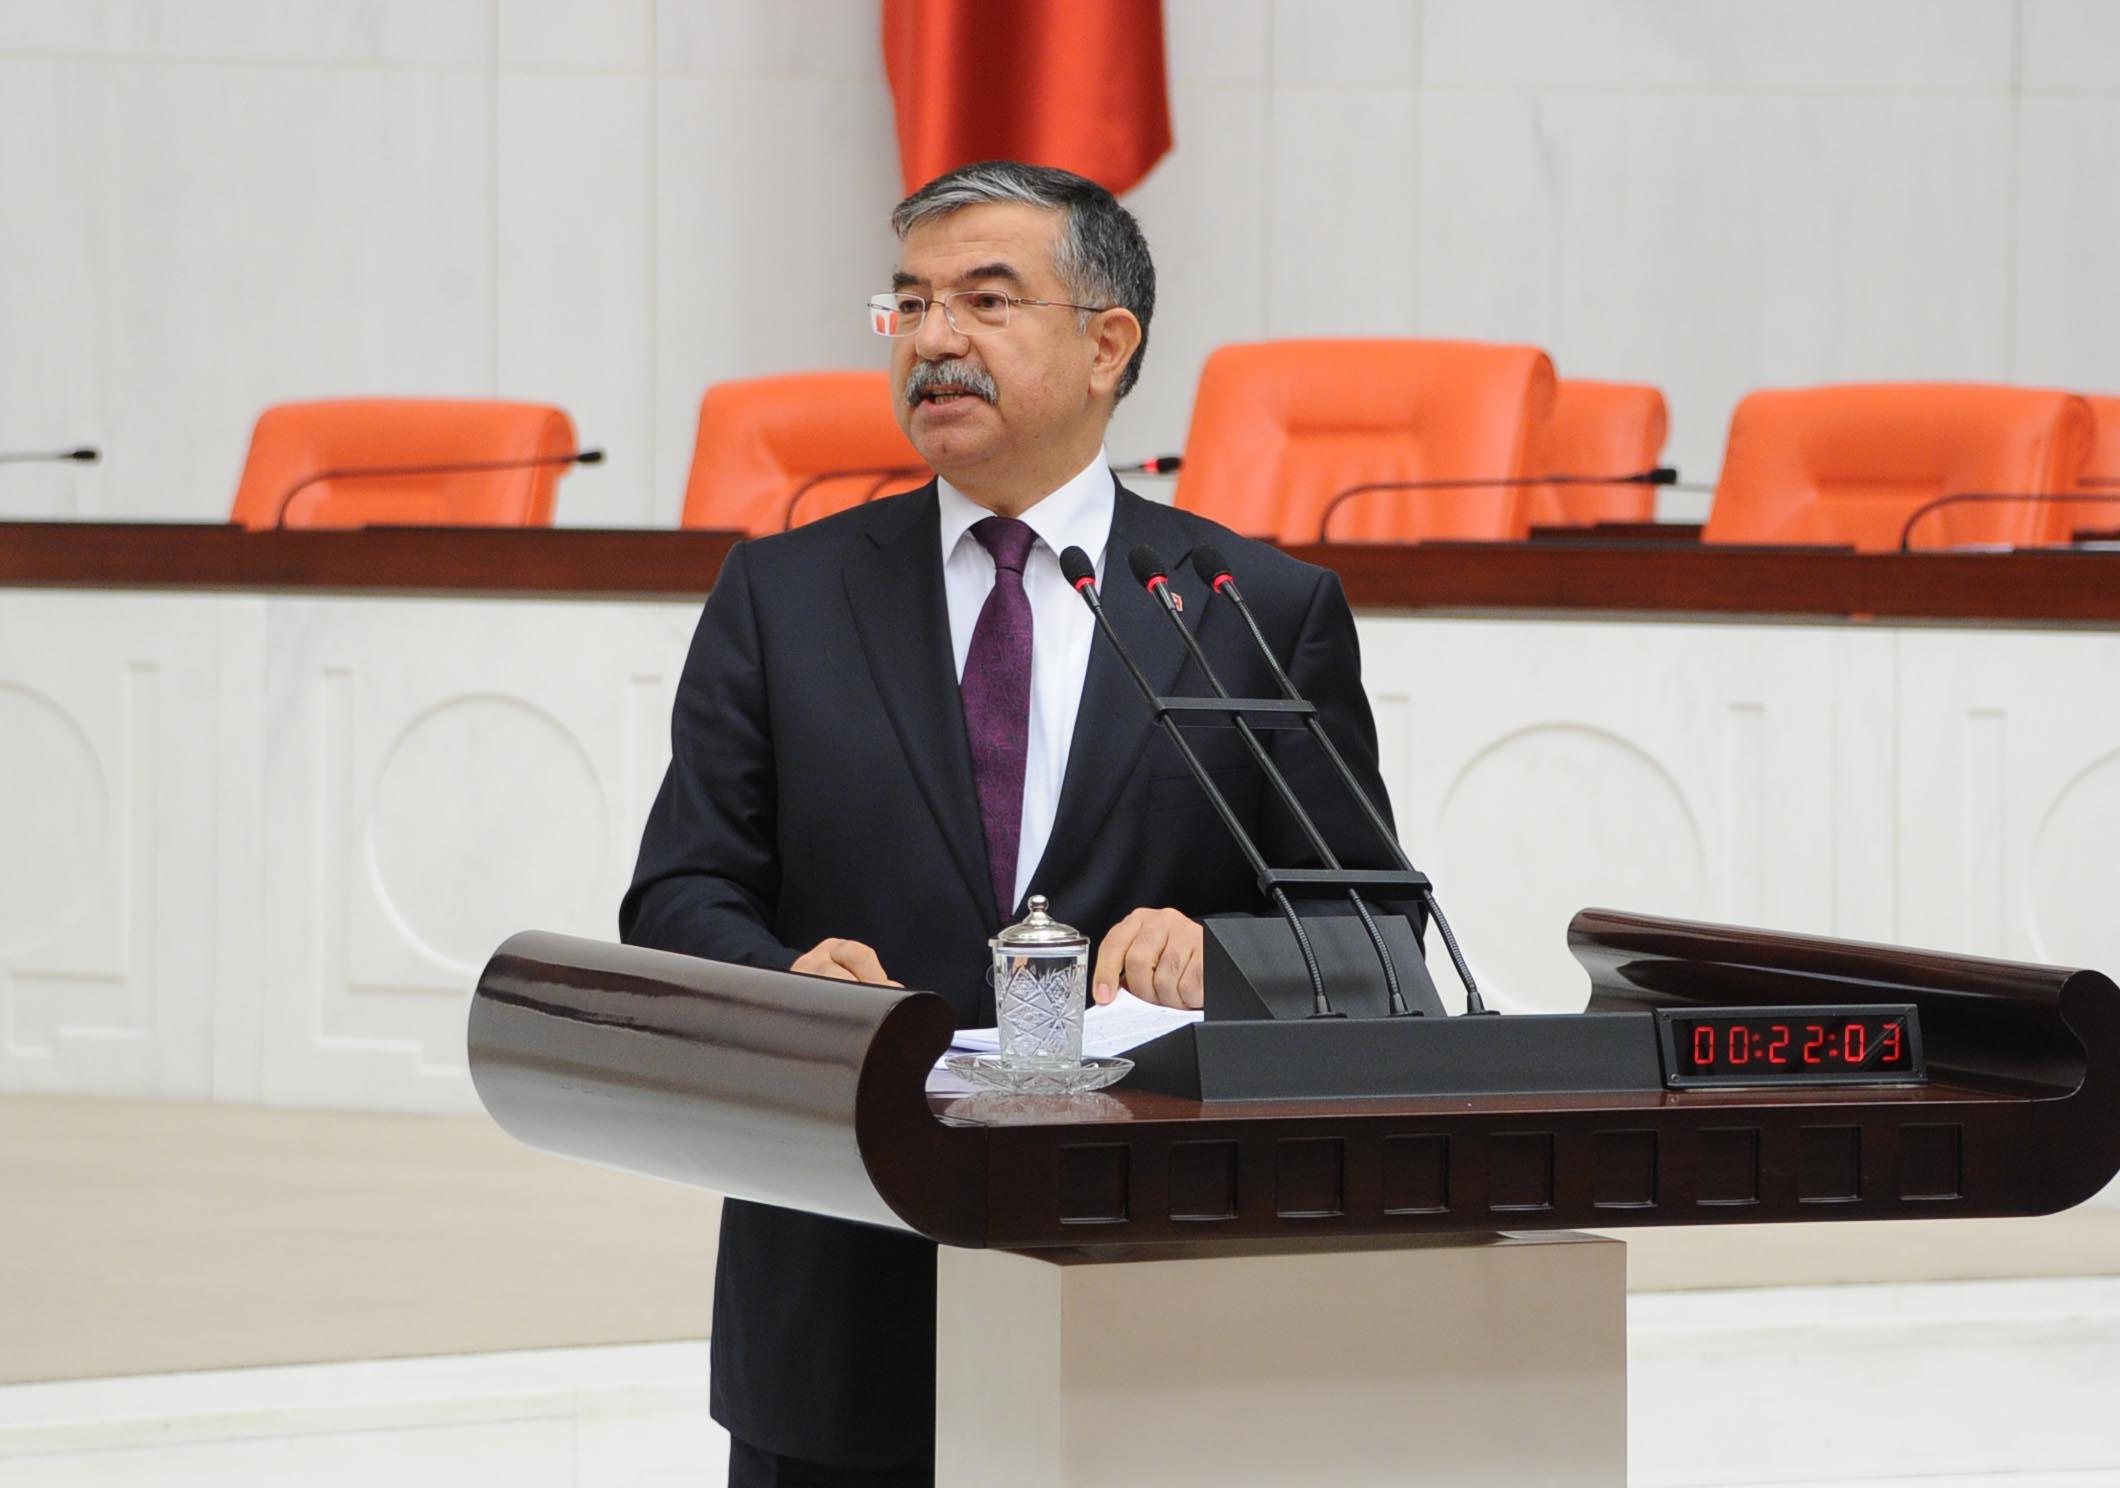 وزير الدفاع التركي: تركيا لم تتخلى عن سيادتها وتنظيم داعش خطر كبير